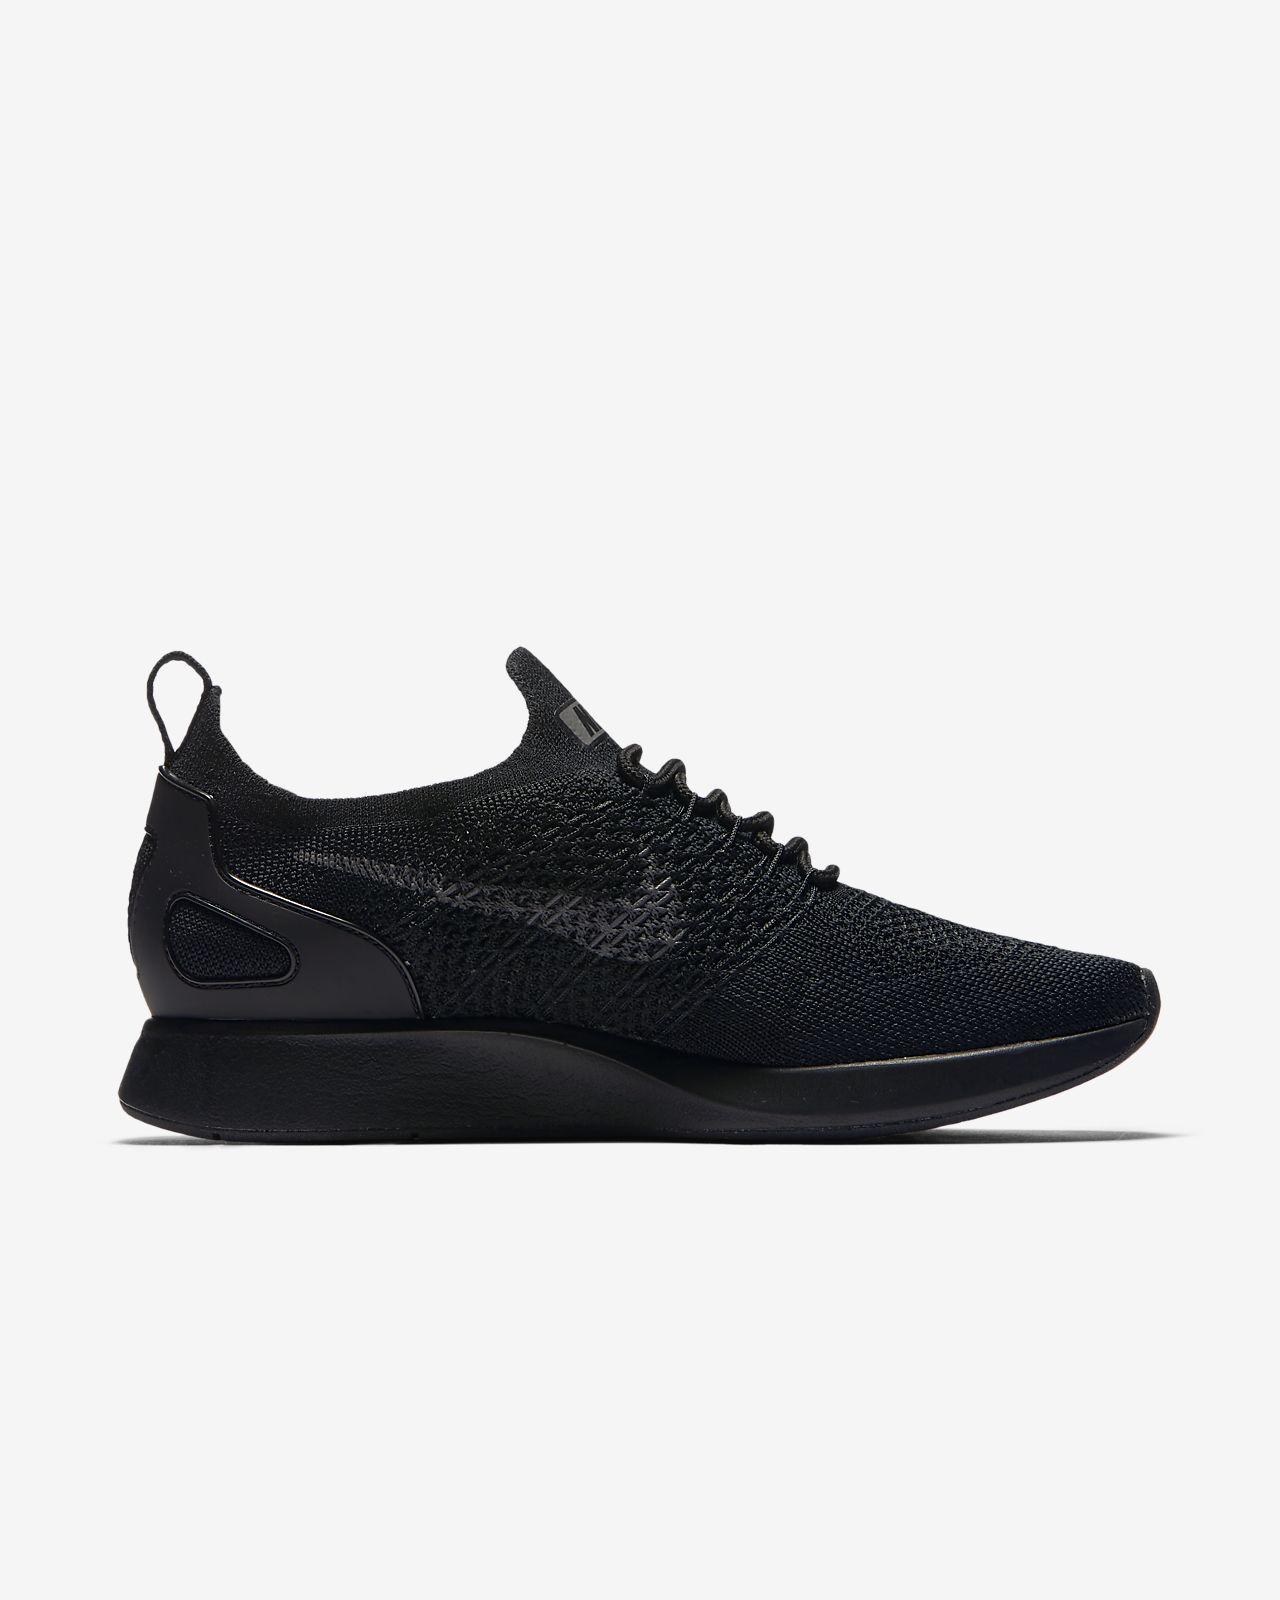 Nike Sportswear Air Zoom Mariah Flyknit Racer Sneaker Damen Günstigsten Preis Zu Verkaufen Schnelle Lieferung bpMH0M7U7